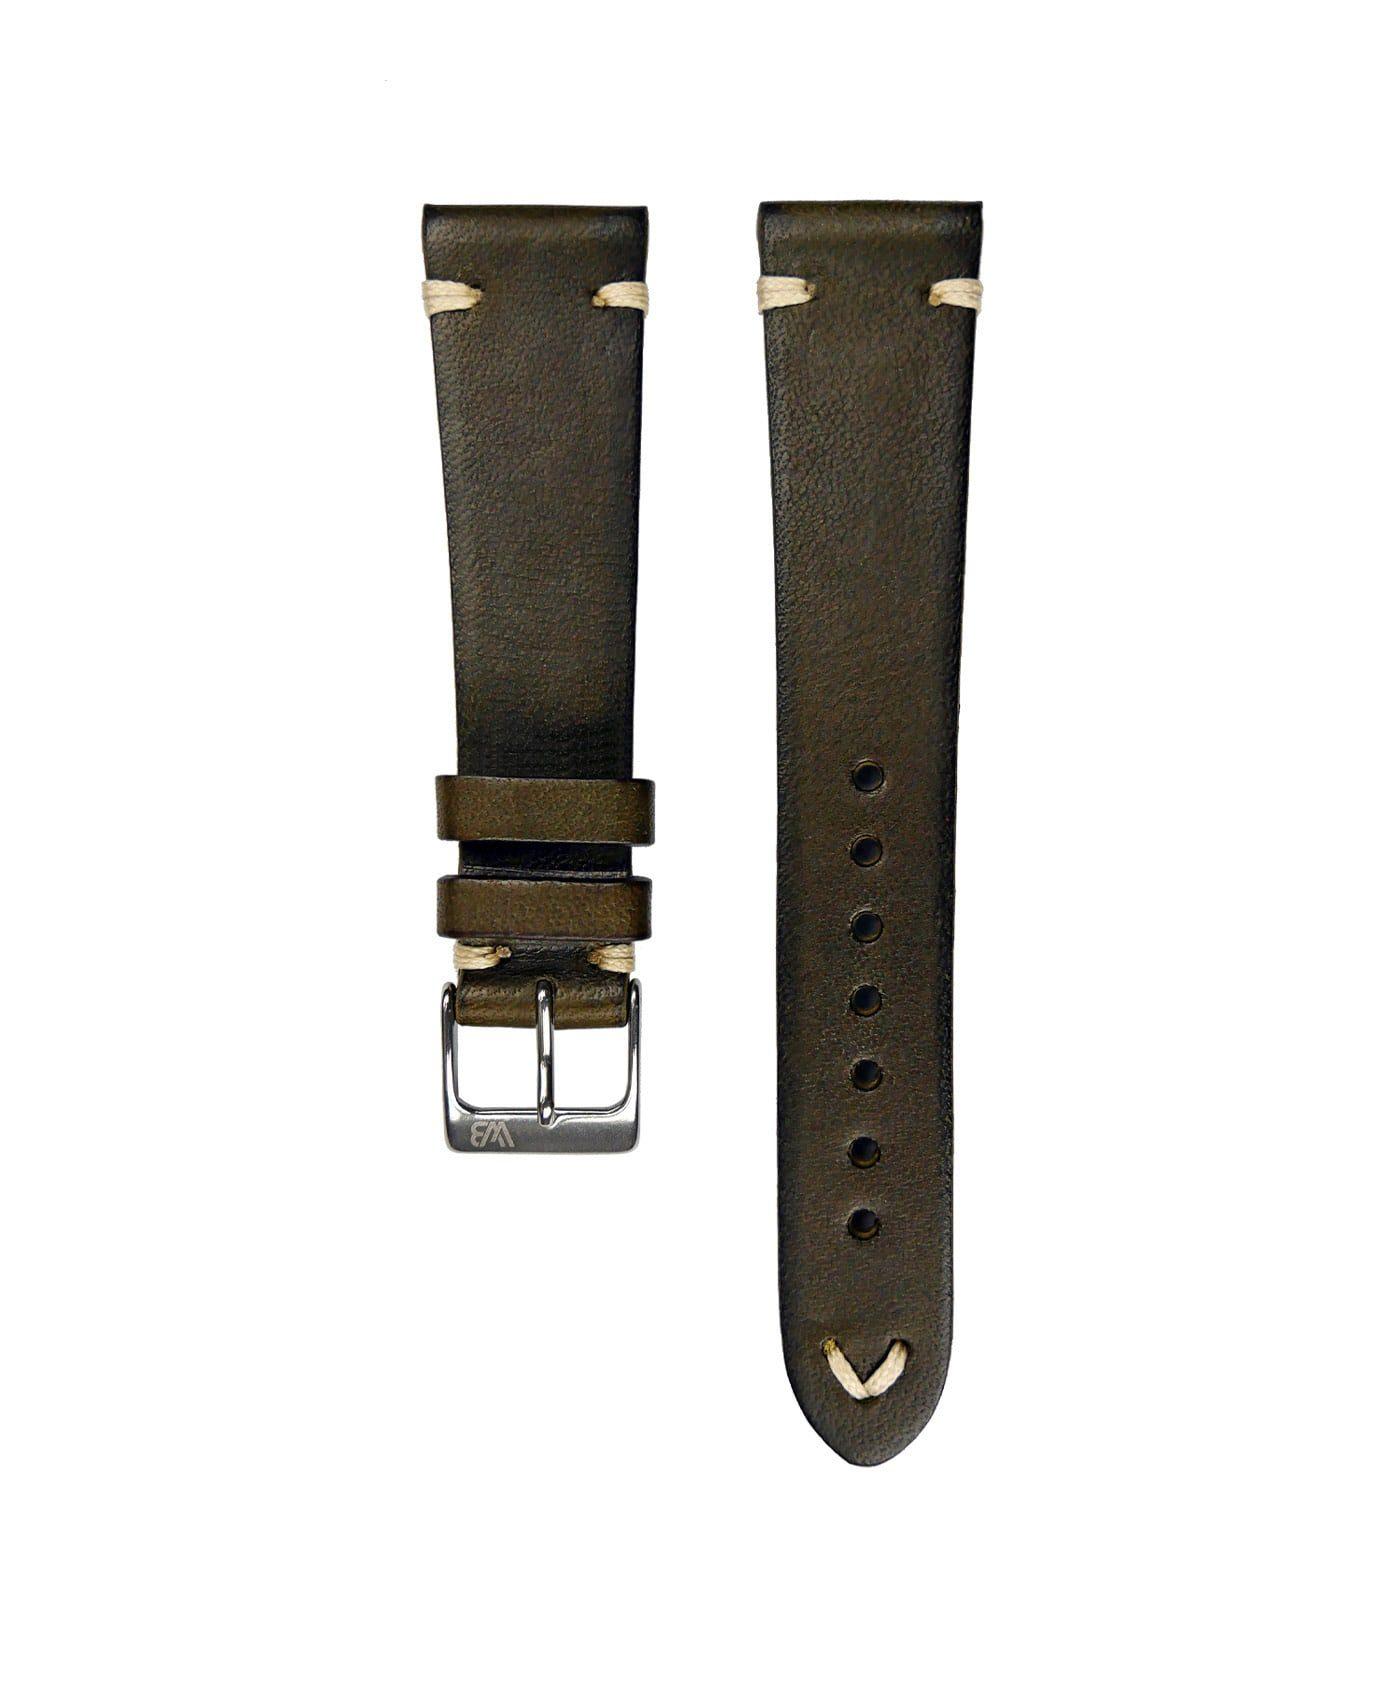 WB original Vintage Leather watch strap dark green front